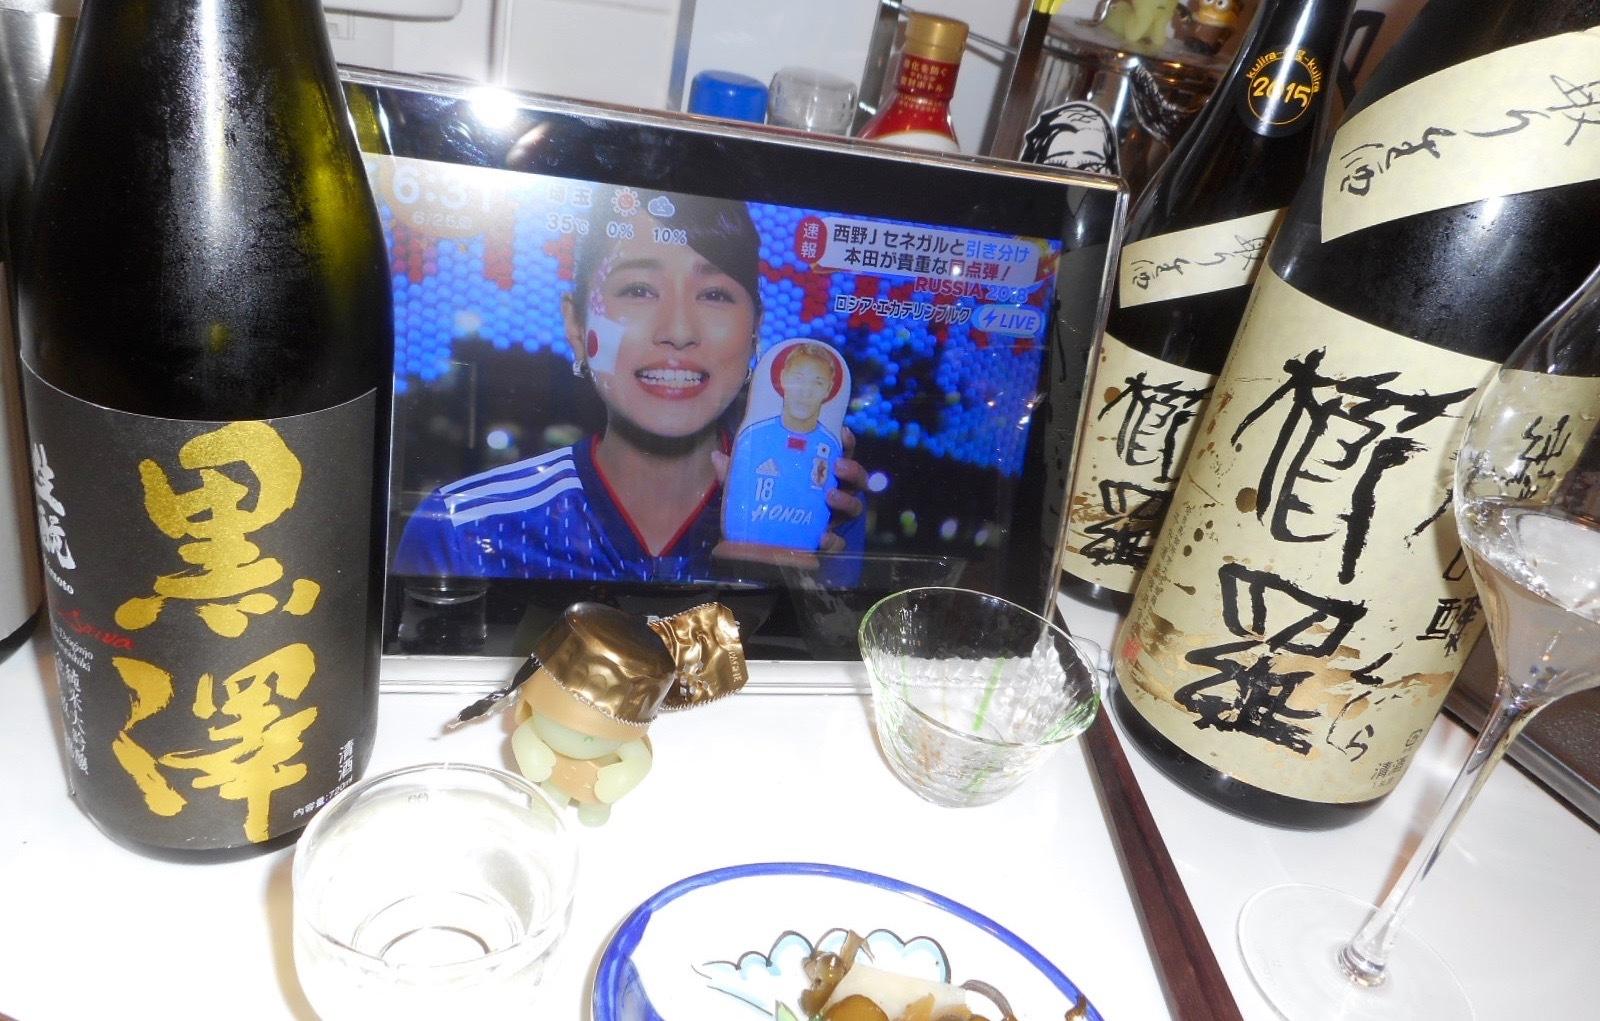 kurosawa_kinmon28by2_4.jpg